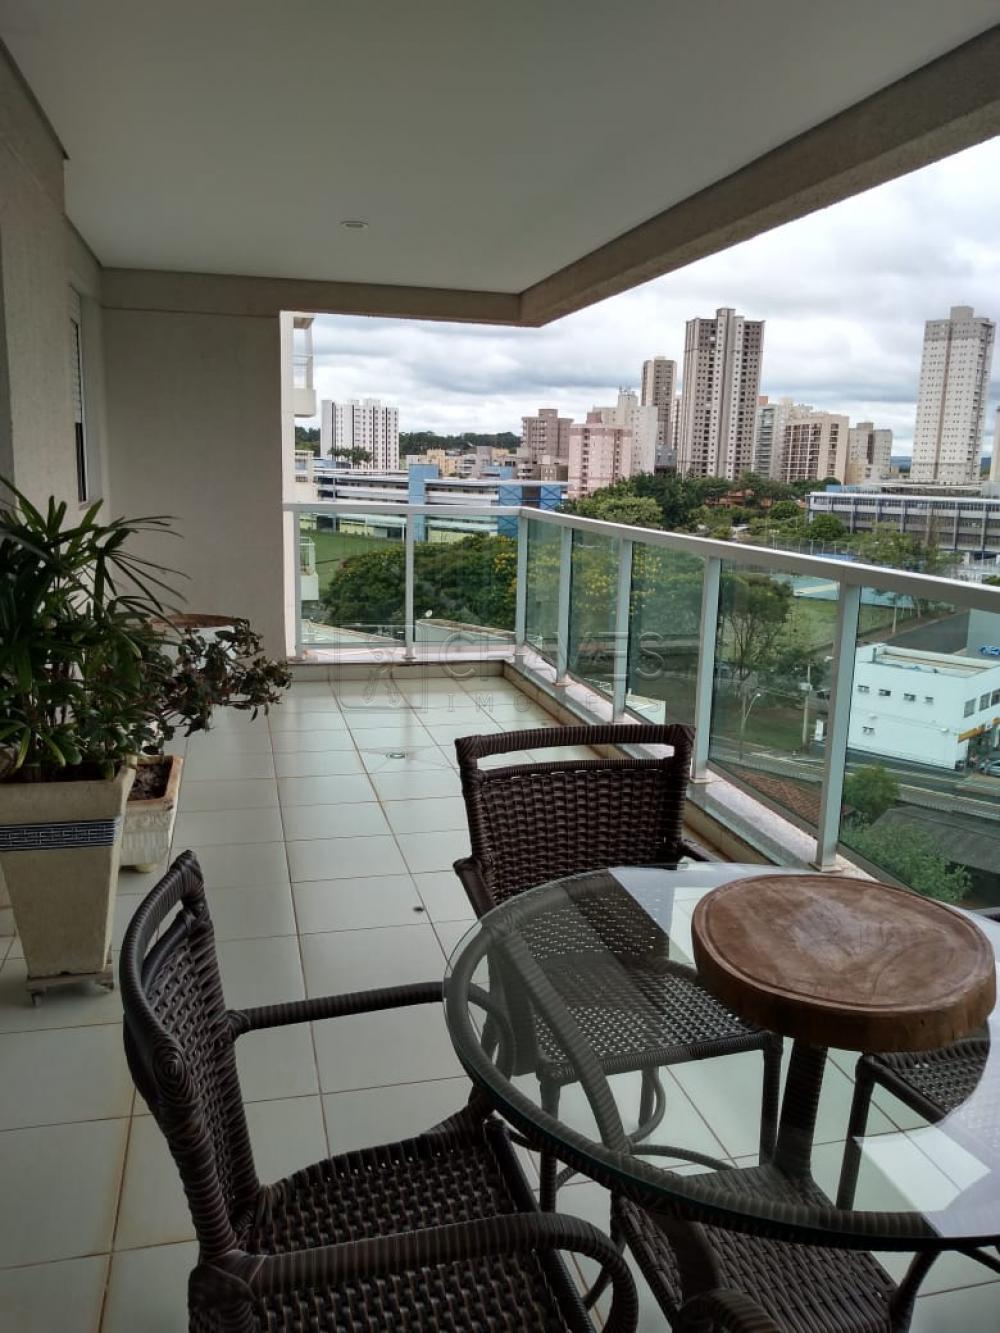 Comprar Apartamento / Padrão em Ribeirão Preto apenas R$ 780.000,00 - Foto 3